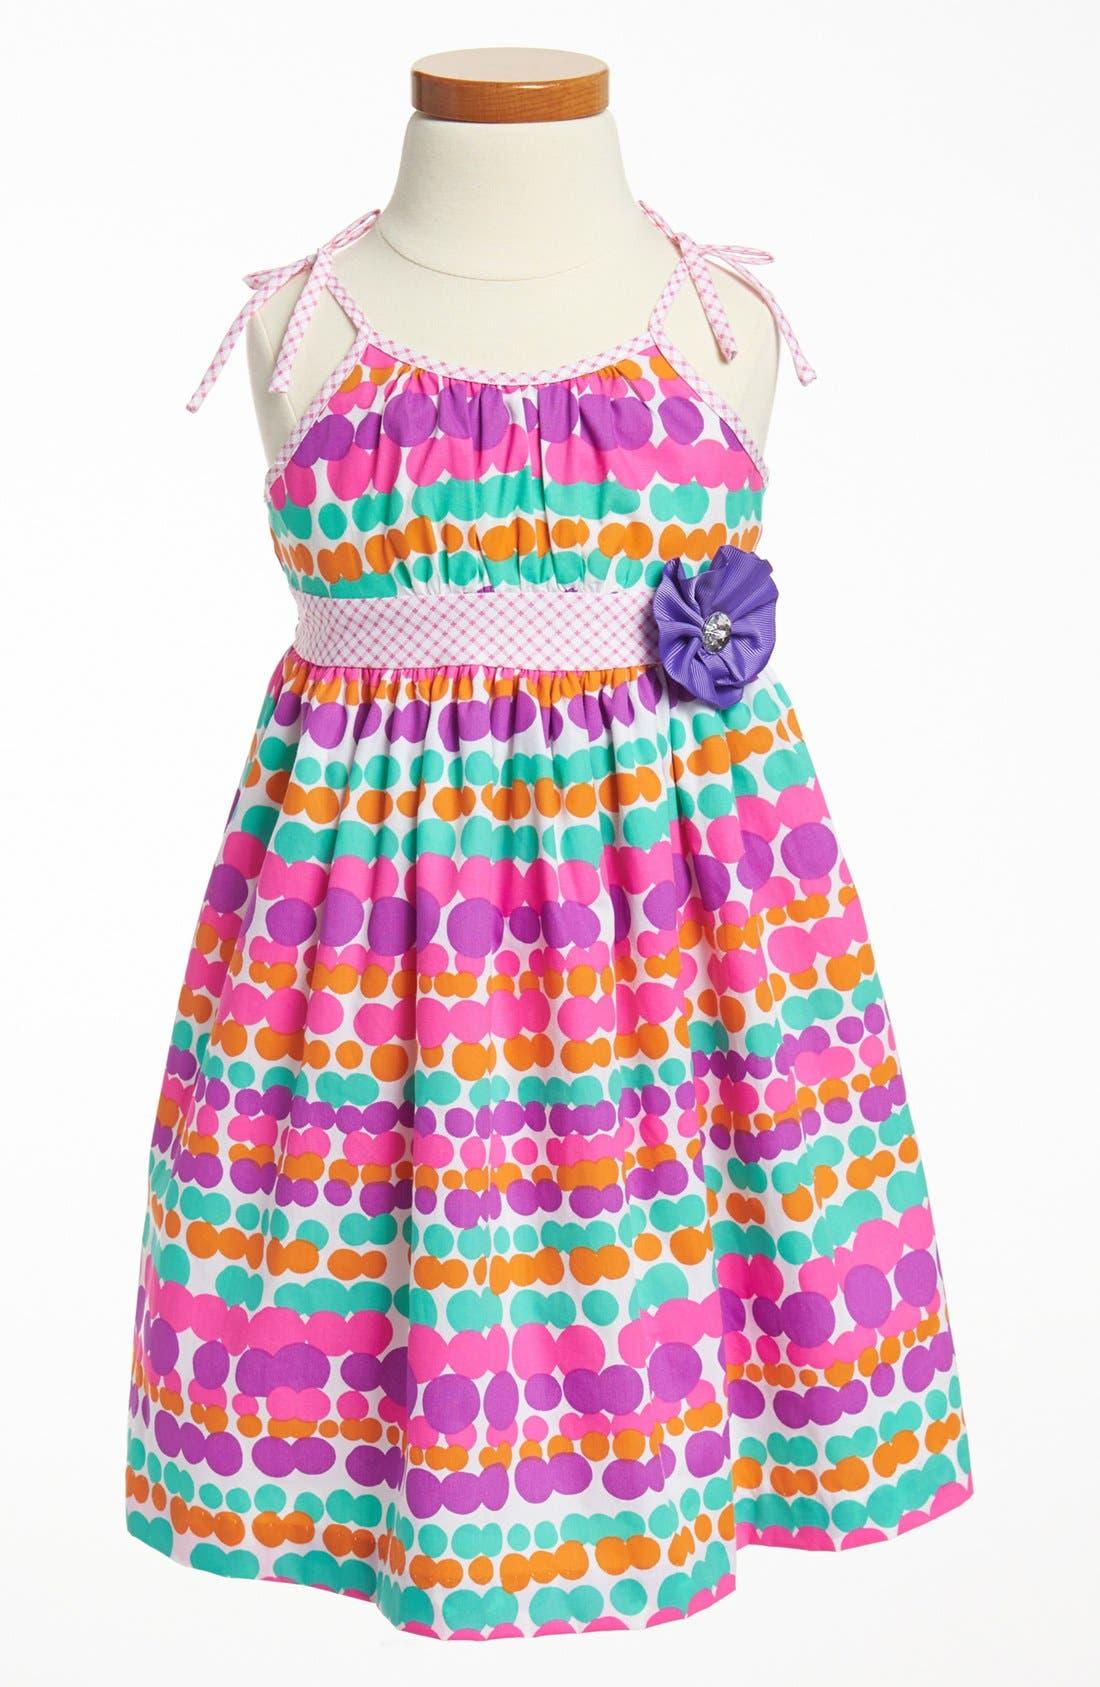 Alternate Image 1 Selected - Marmelatta Dot Dress (Toddler Girls)